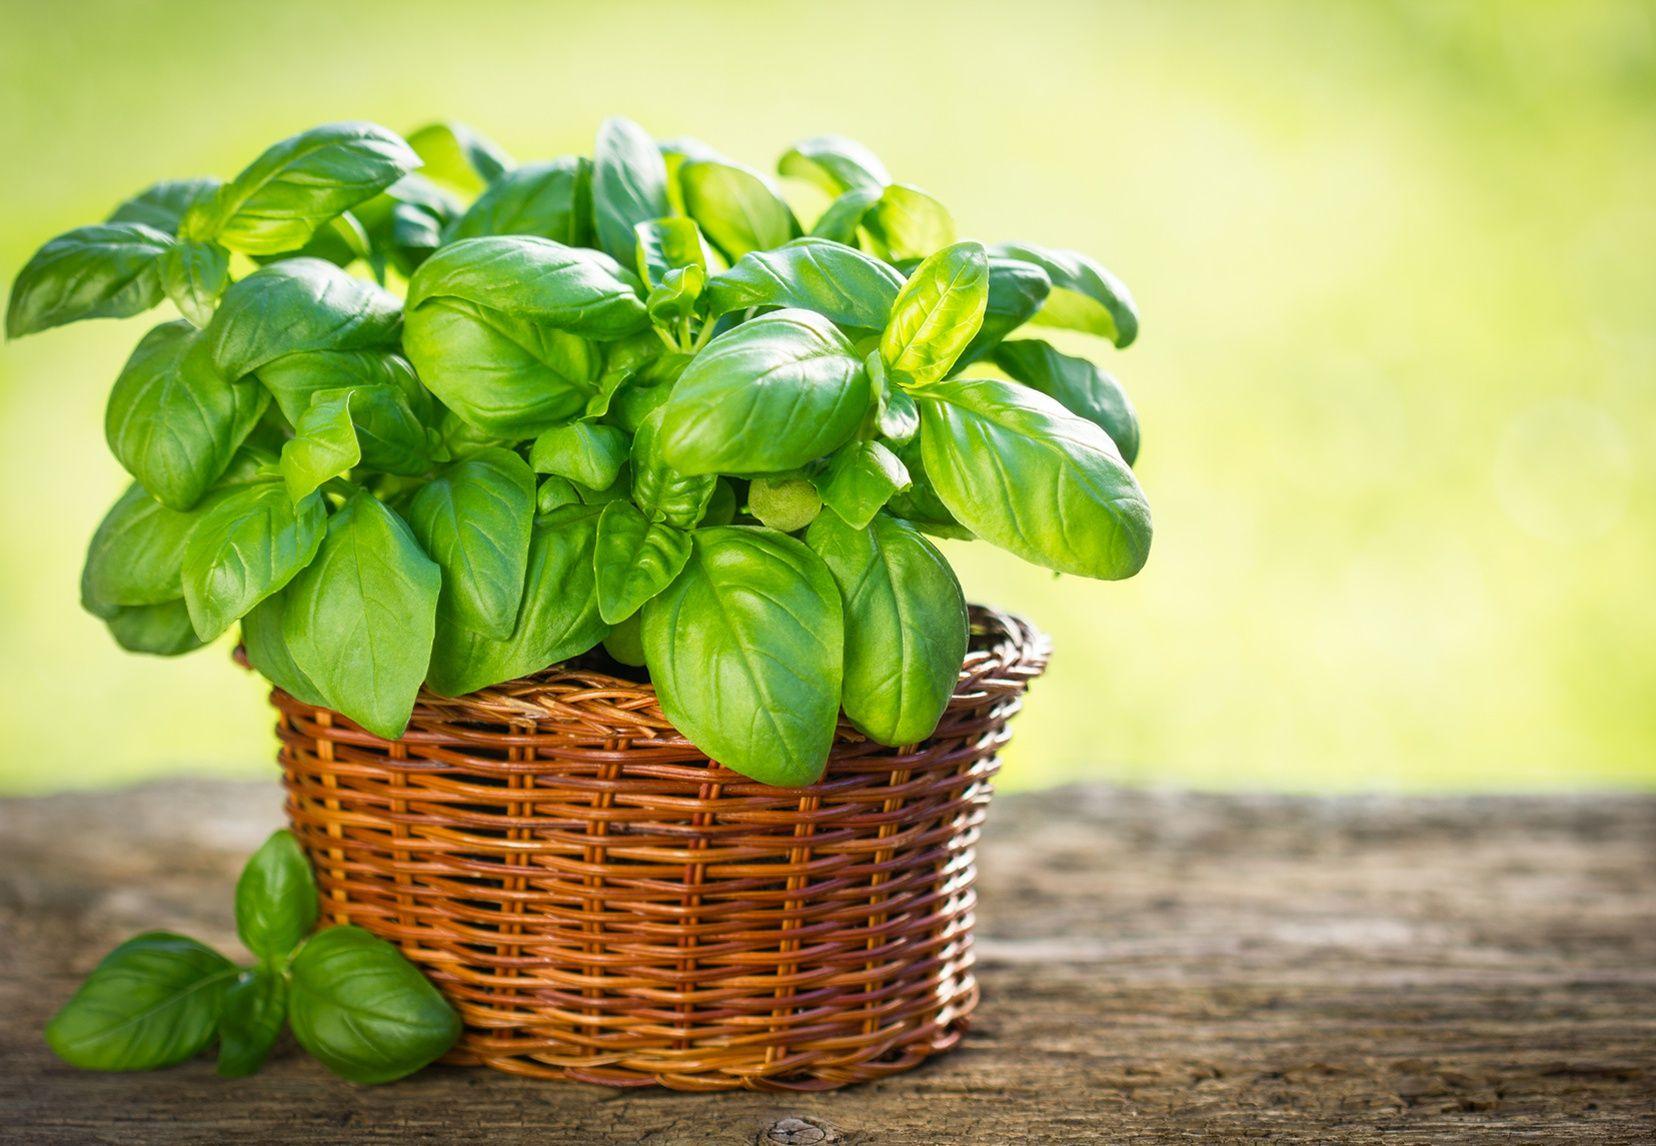 Comment Planter Du Basilic comment réussir la culture du basilic en pot?